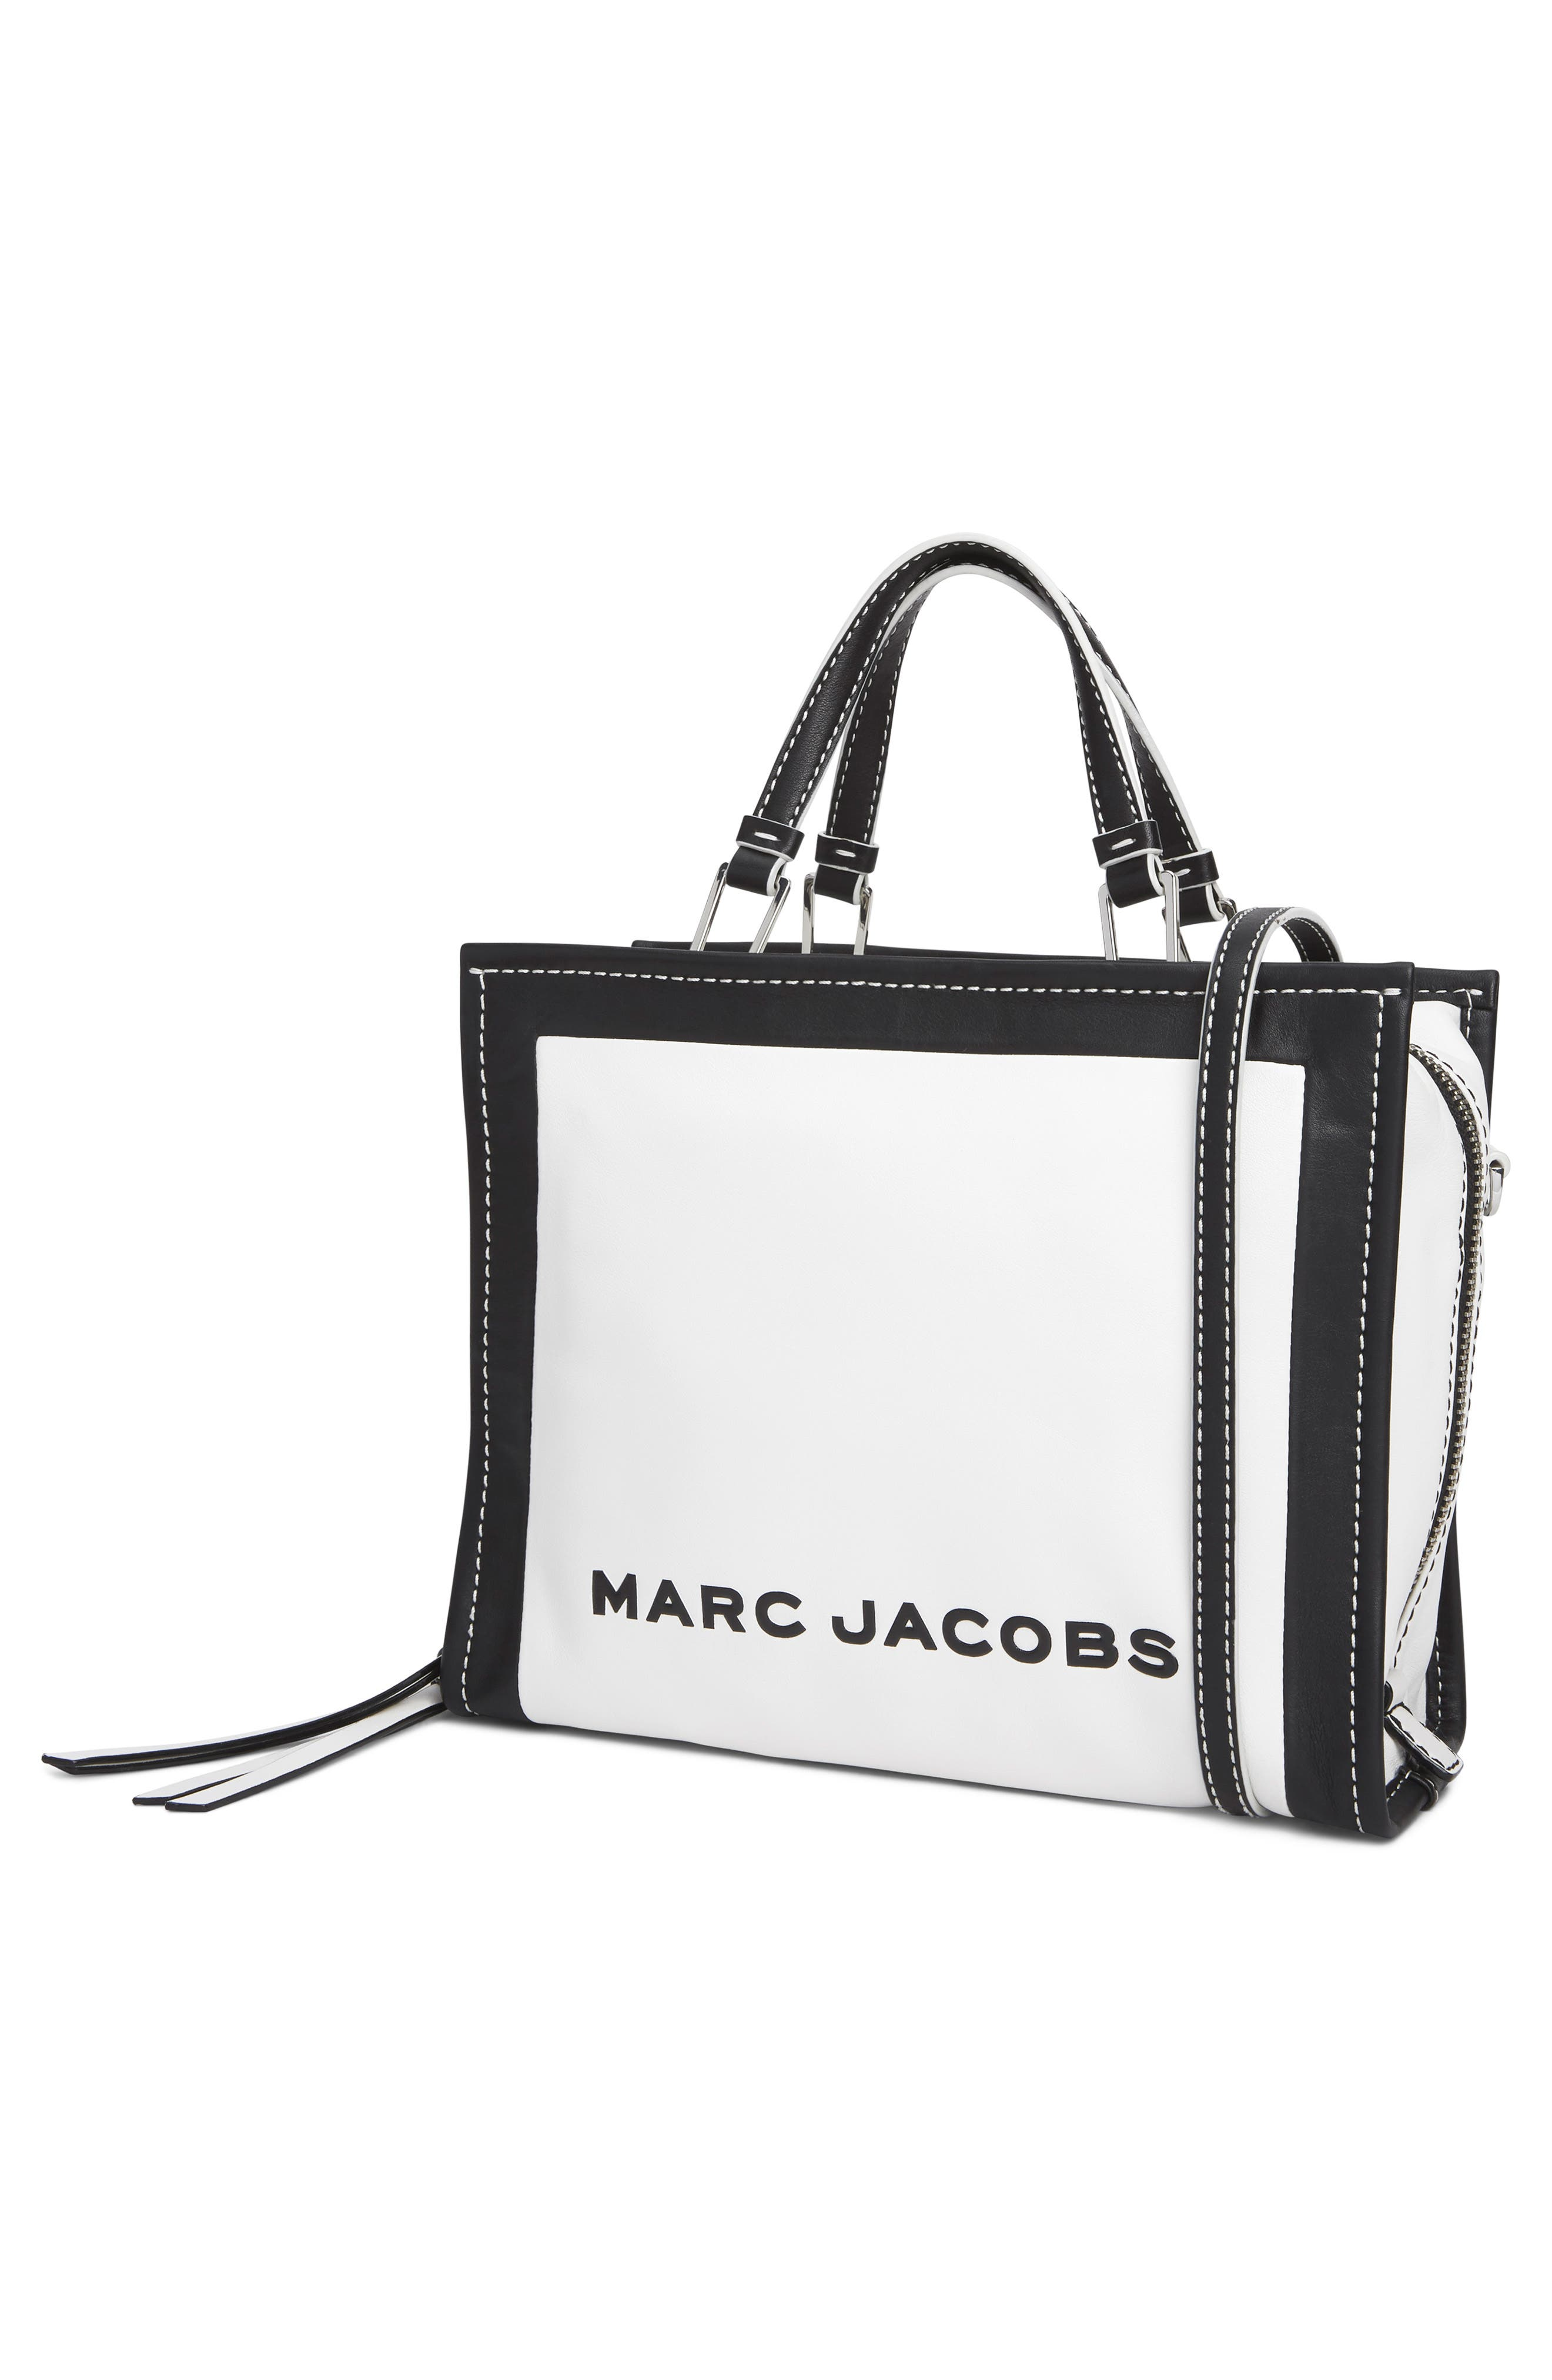 MARC JACOBS,                             The Box 29 Colorblock Leather Satchel,                             Alternate thumbnail 5, color,                             COTTON MULTI